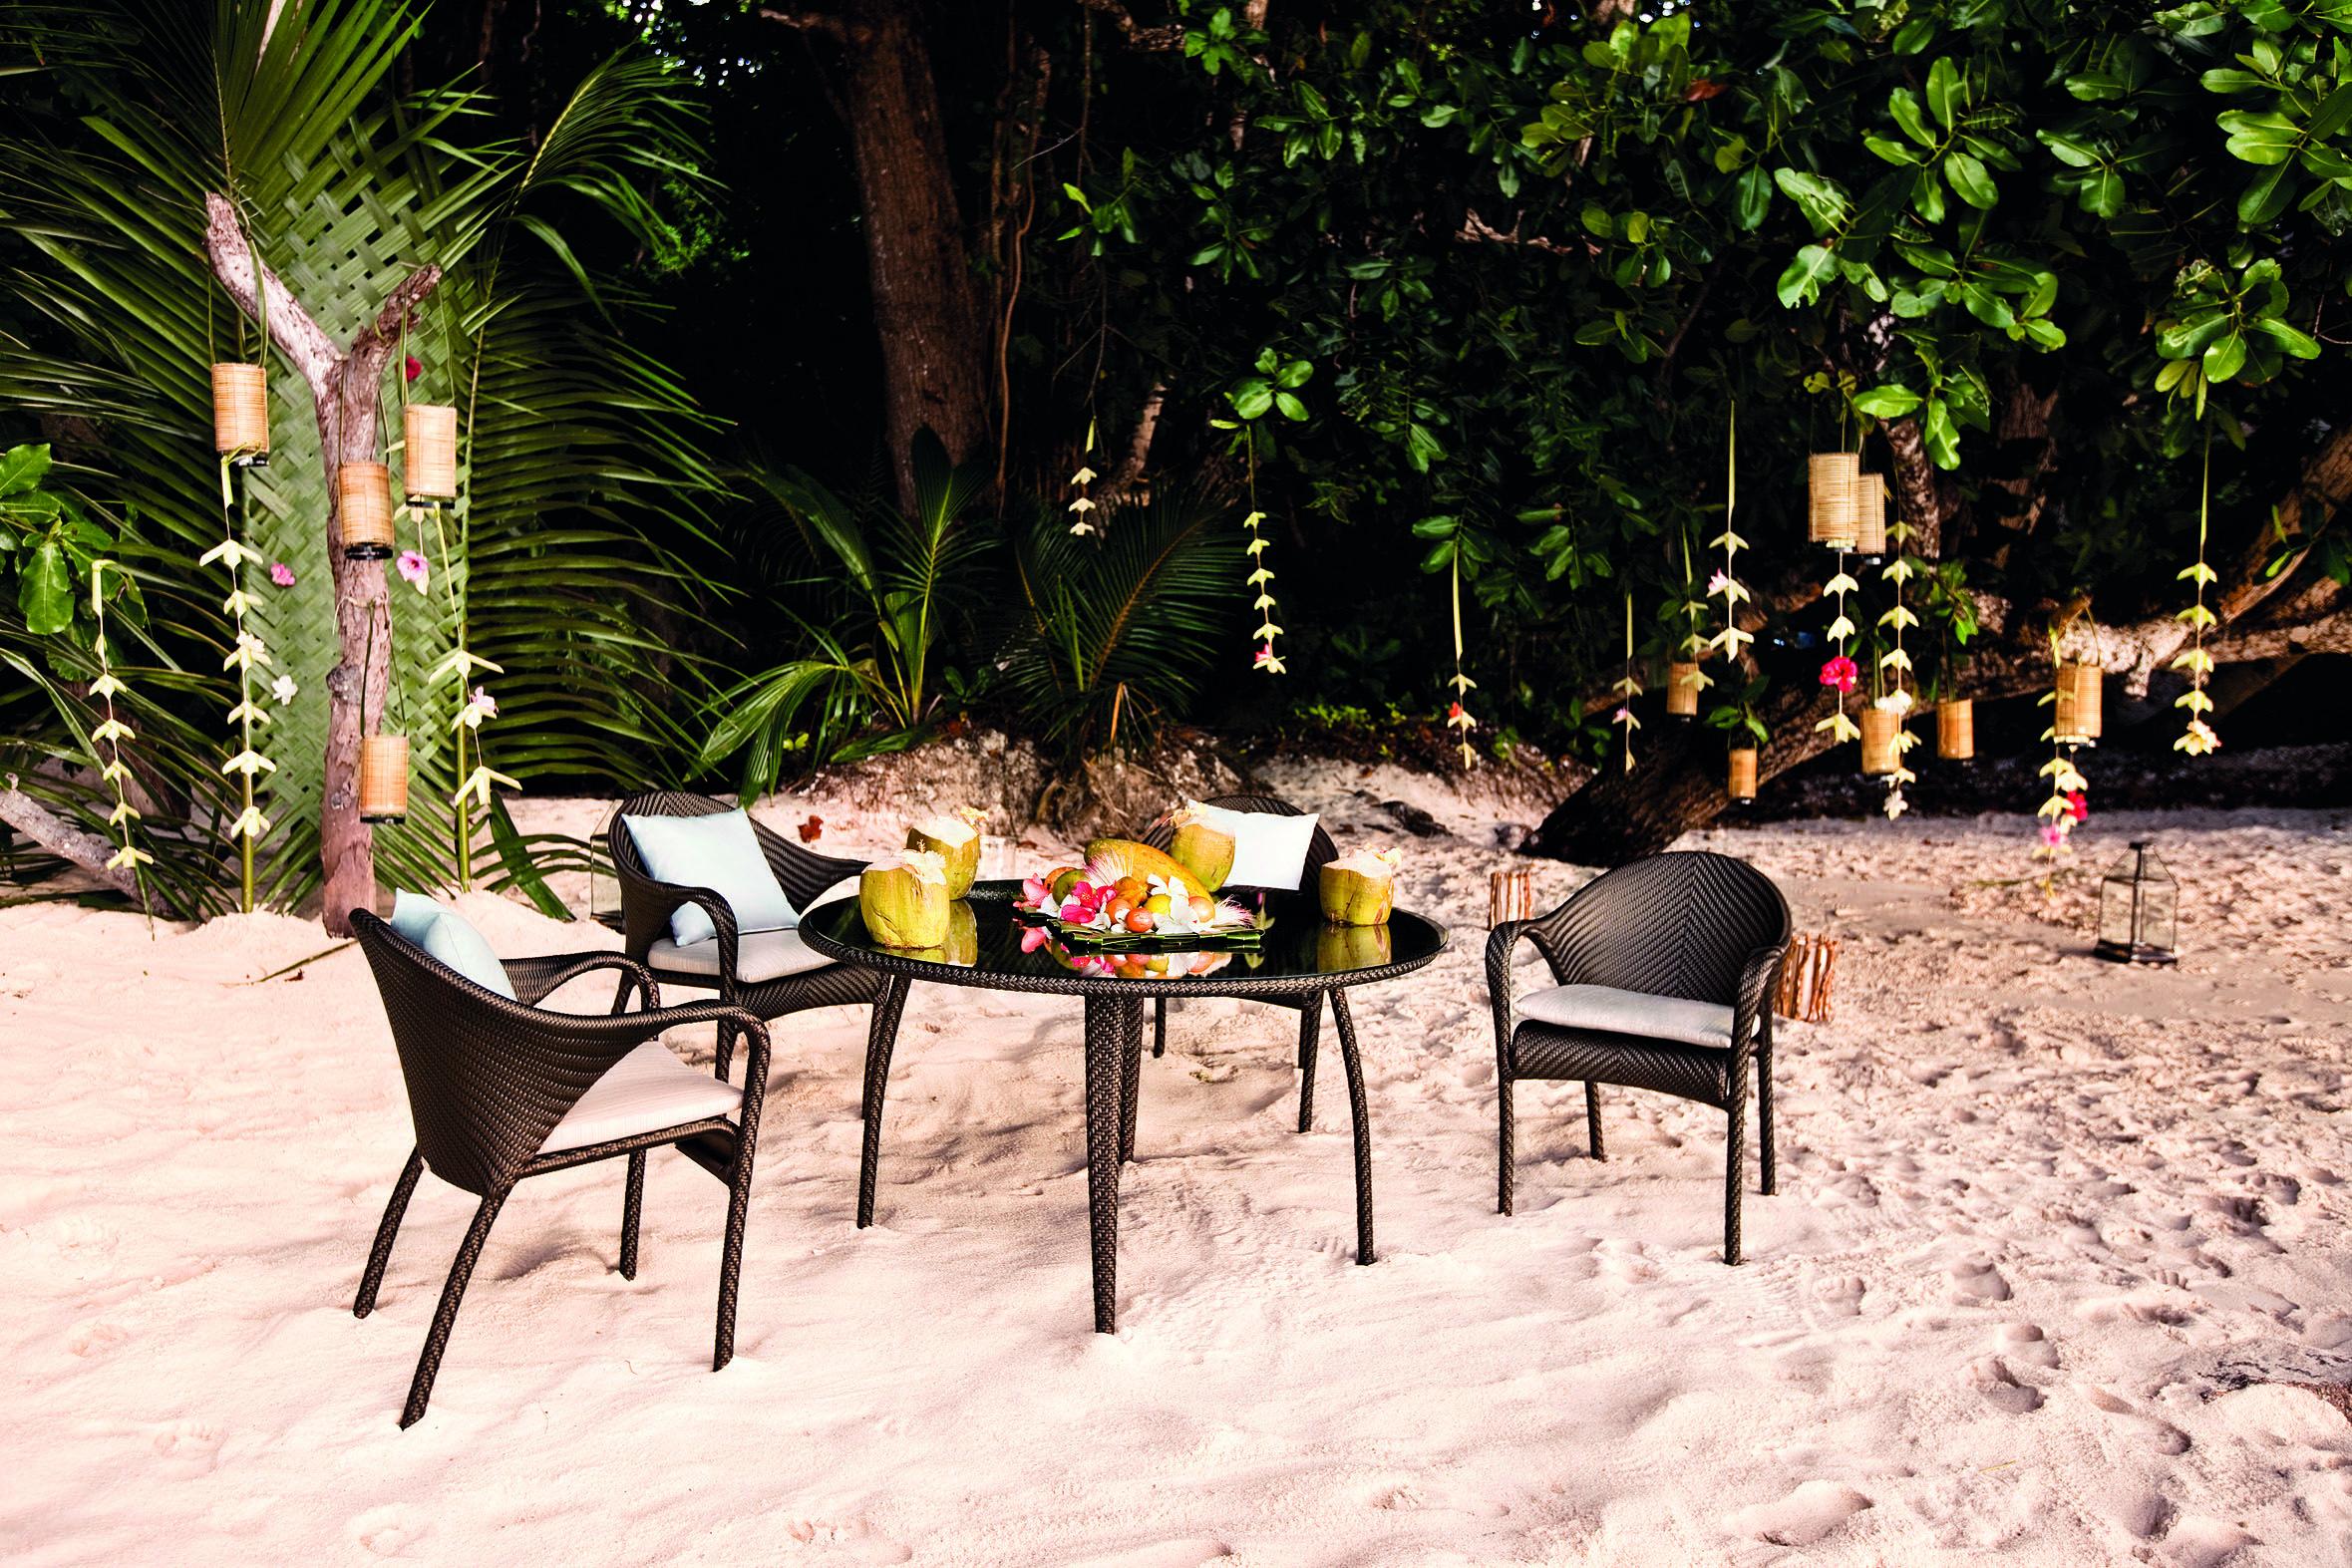 Dedon Tango Table Chairs